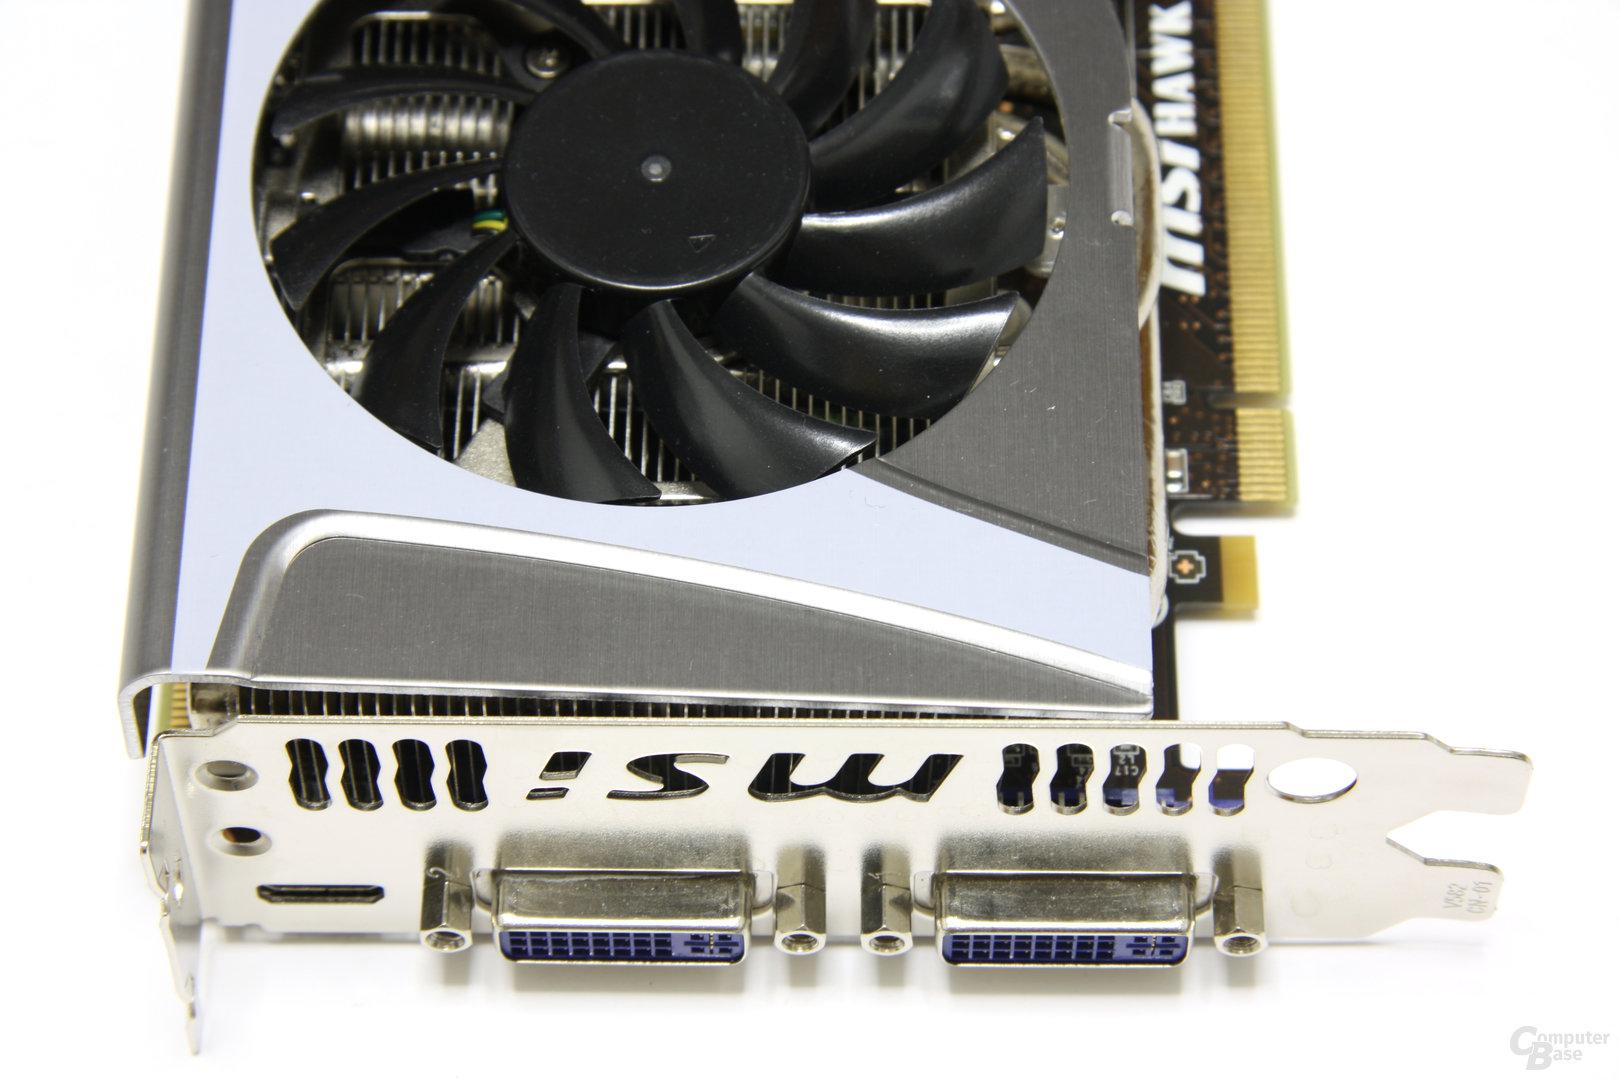 GeForce GTX 460 Hawk Anschlüsse